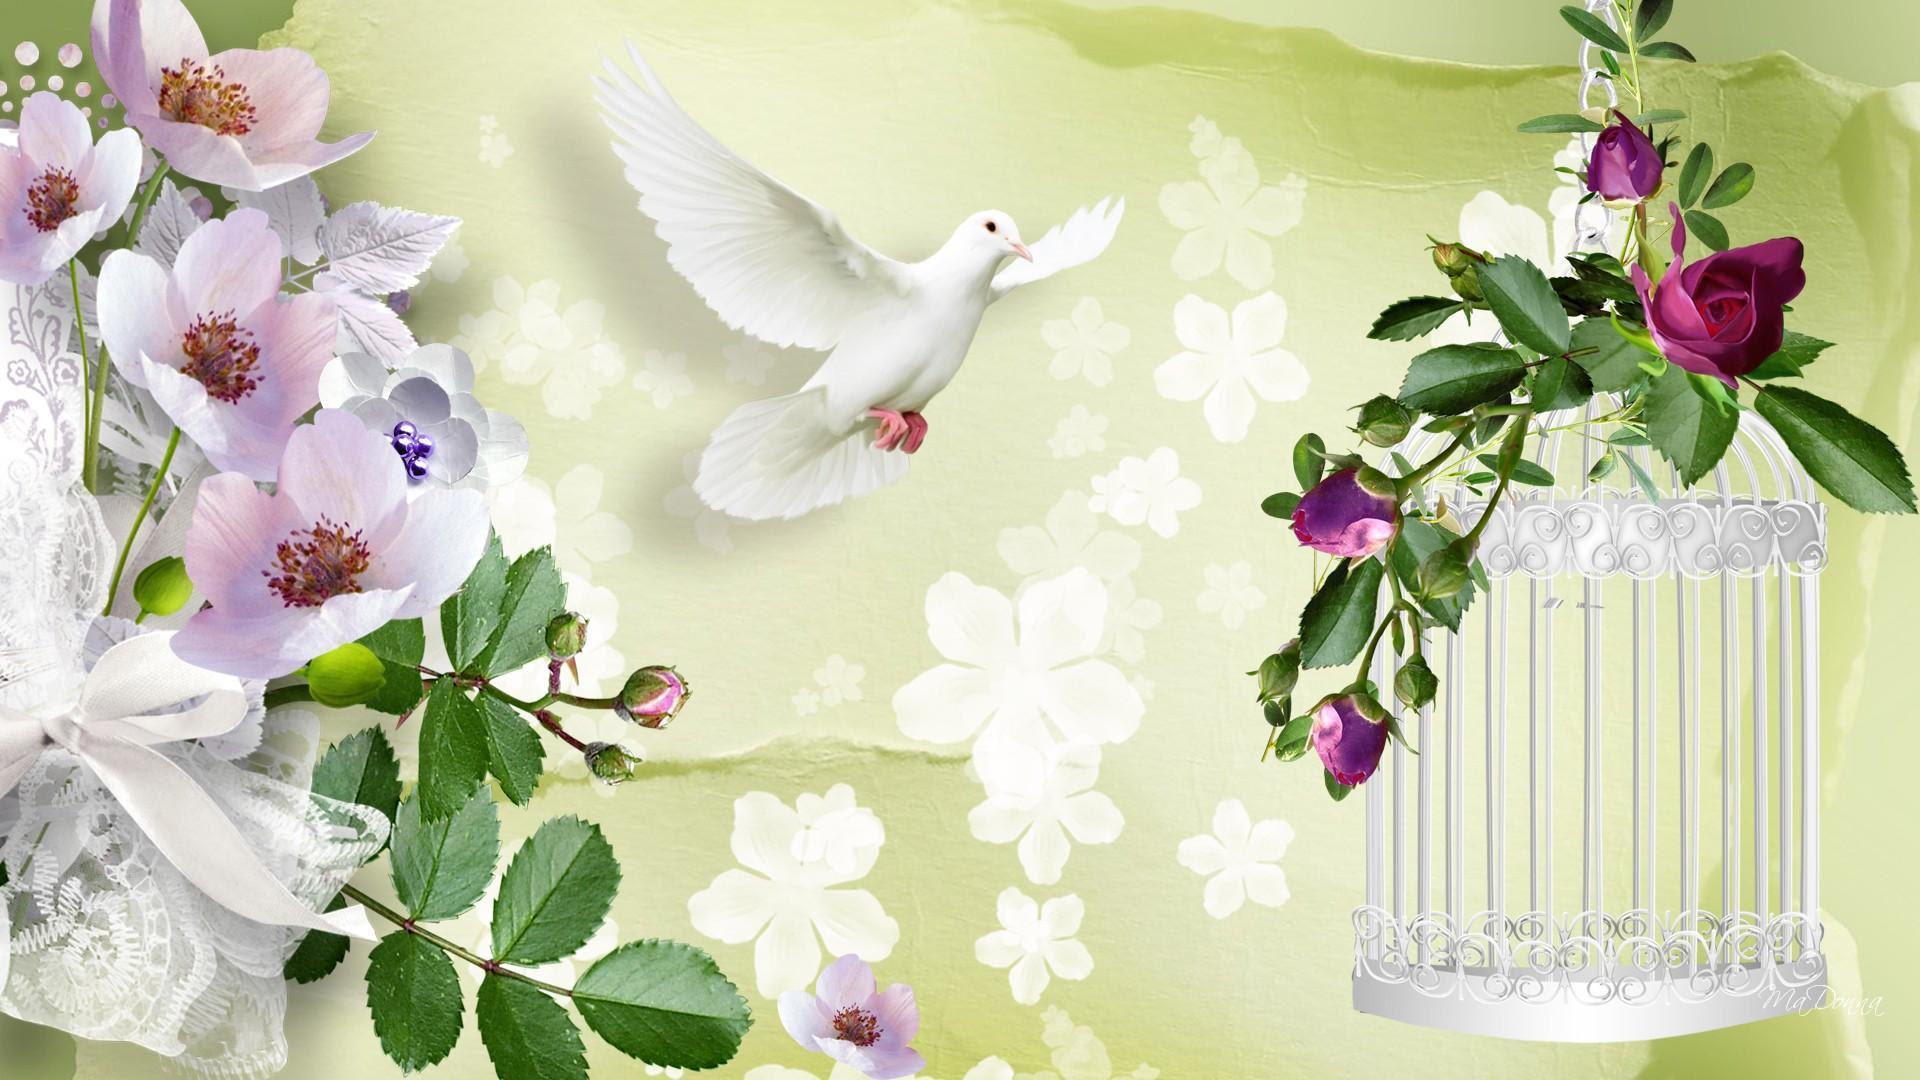 Resultado de imagen para wallpapers de paloma